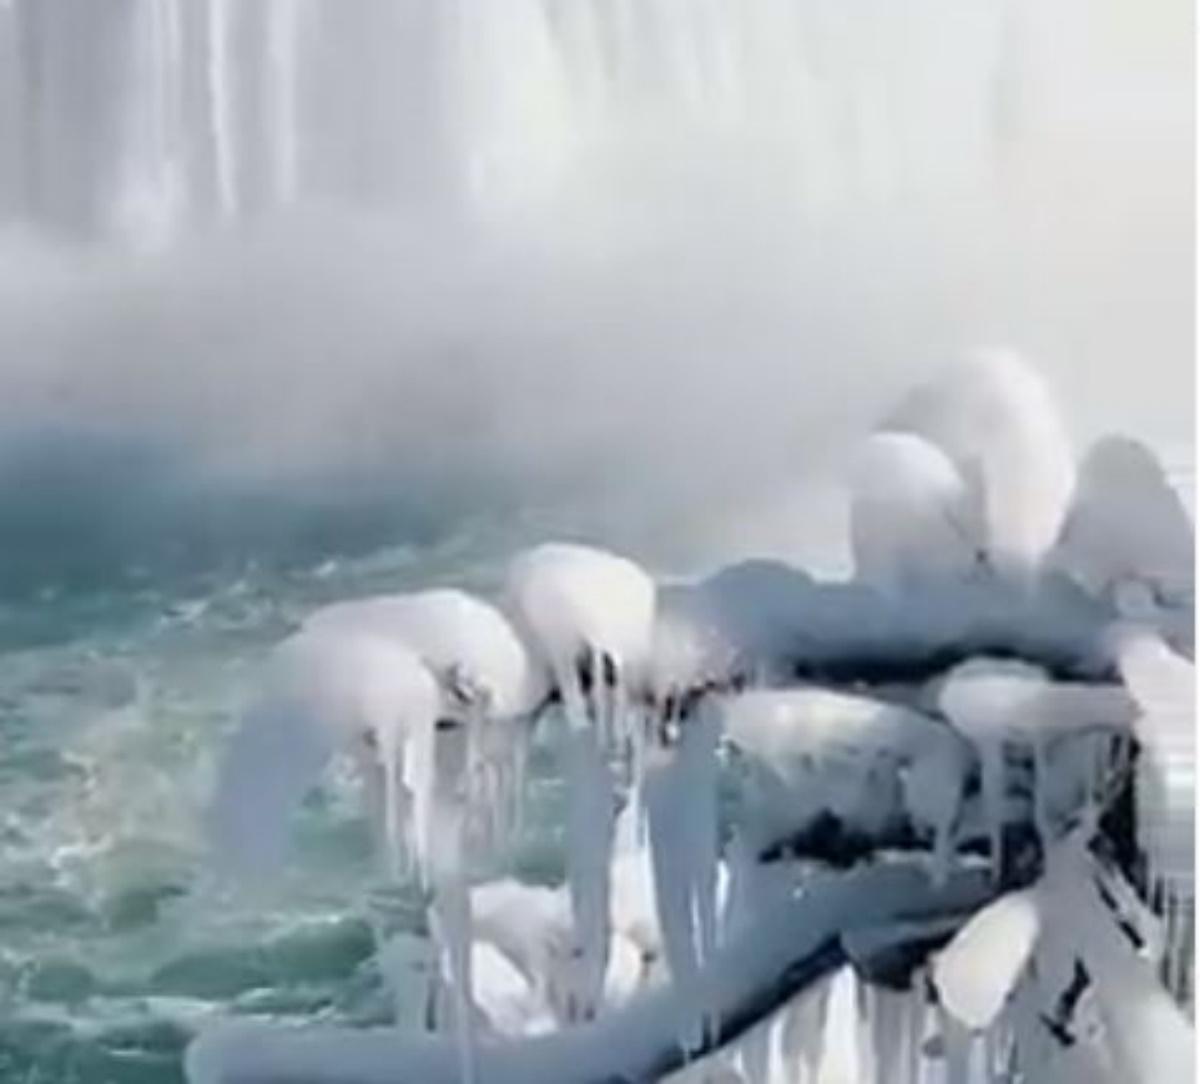 Μαγευτικές εικόνες από τους «παγωμένους» καταρράκτες του Νιαγάρα (pics, vid)